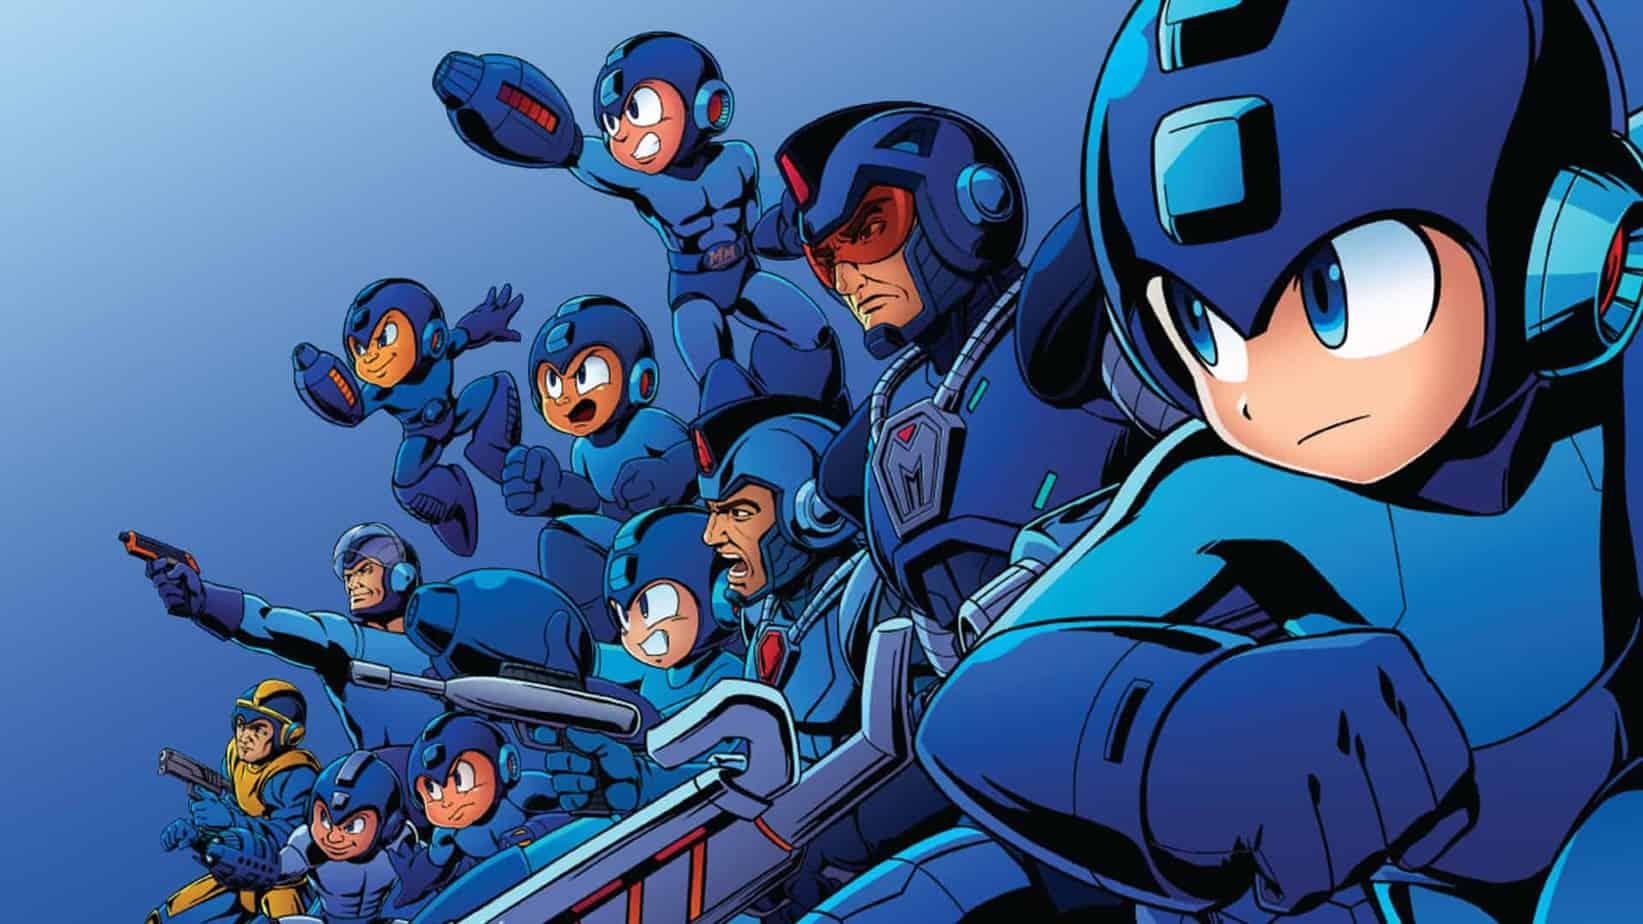 Capcom's Mega-Man franchise